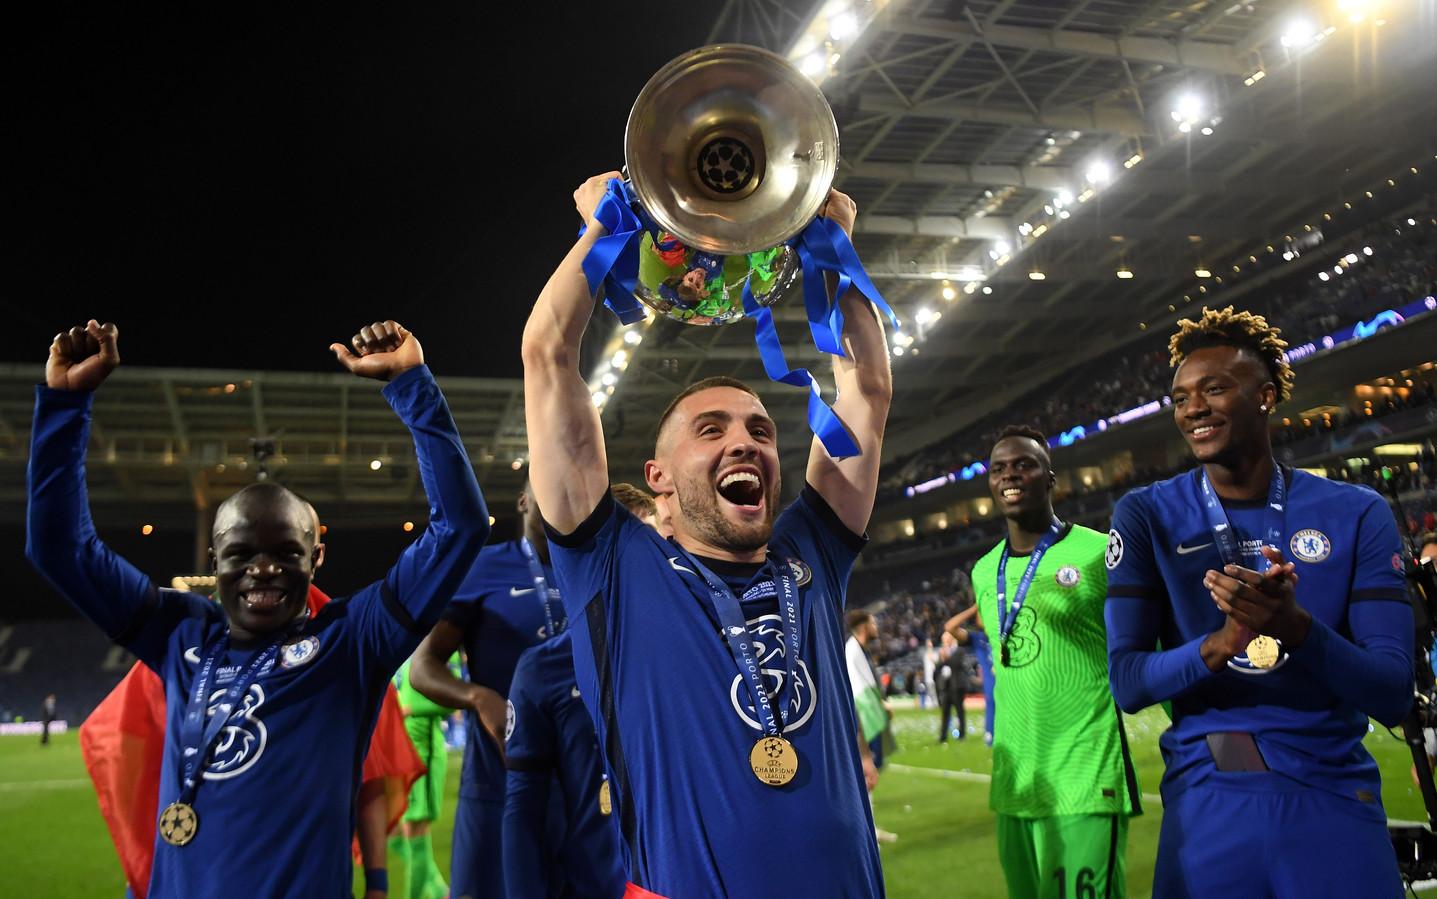 Mateo Kovacic won zaterdagavond voor de vierde keer de Champions League. De Kroatische middenvelder speelde slechts 17 minuten in de vier finales.